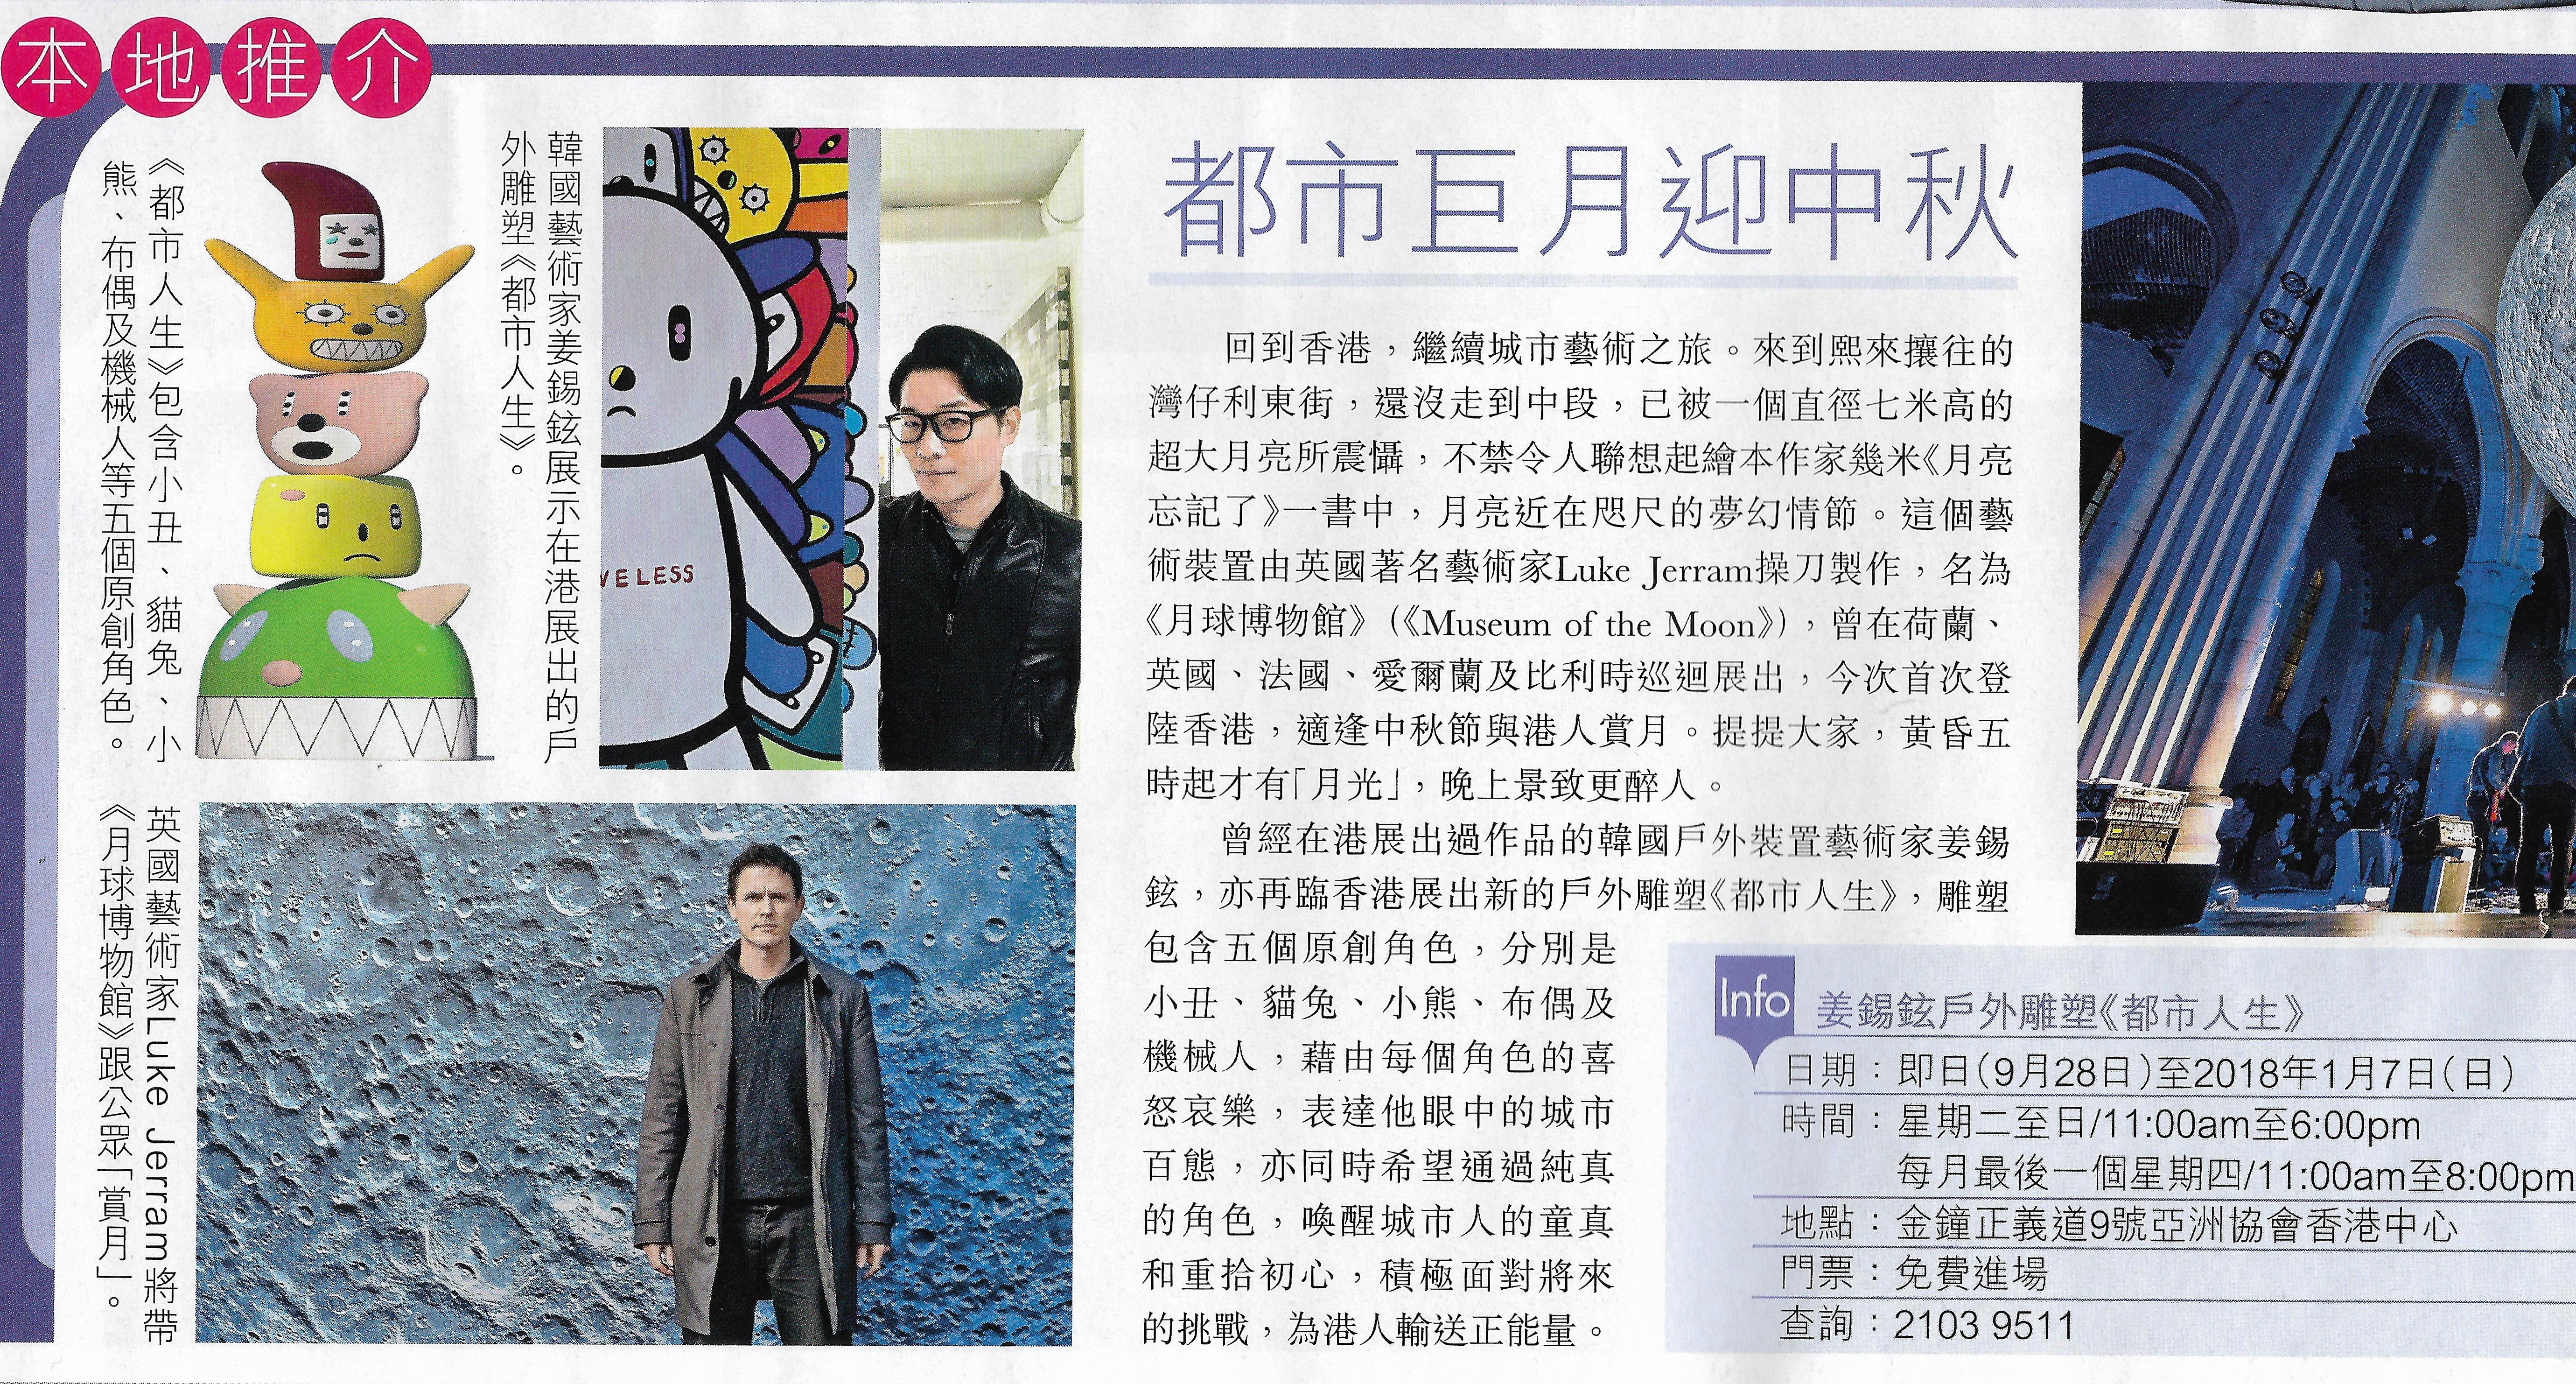 姜錫鉉户外雕塑《都市人生》- 星島日報